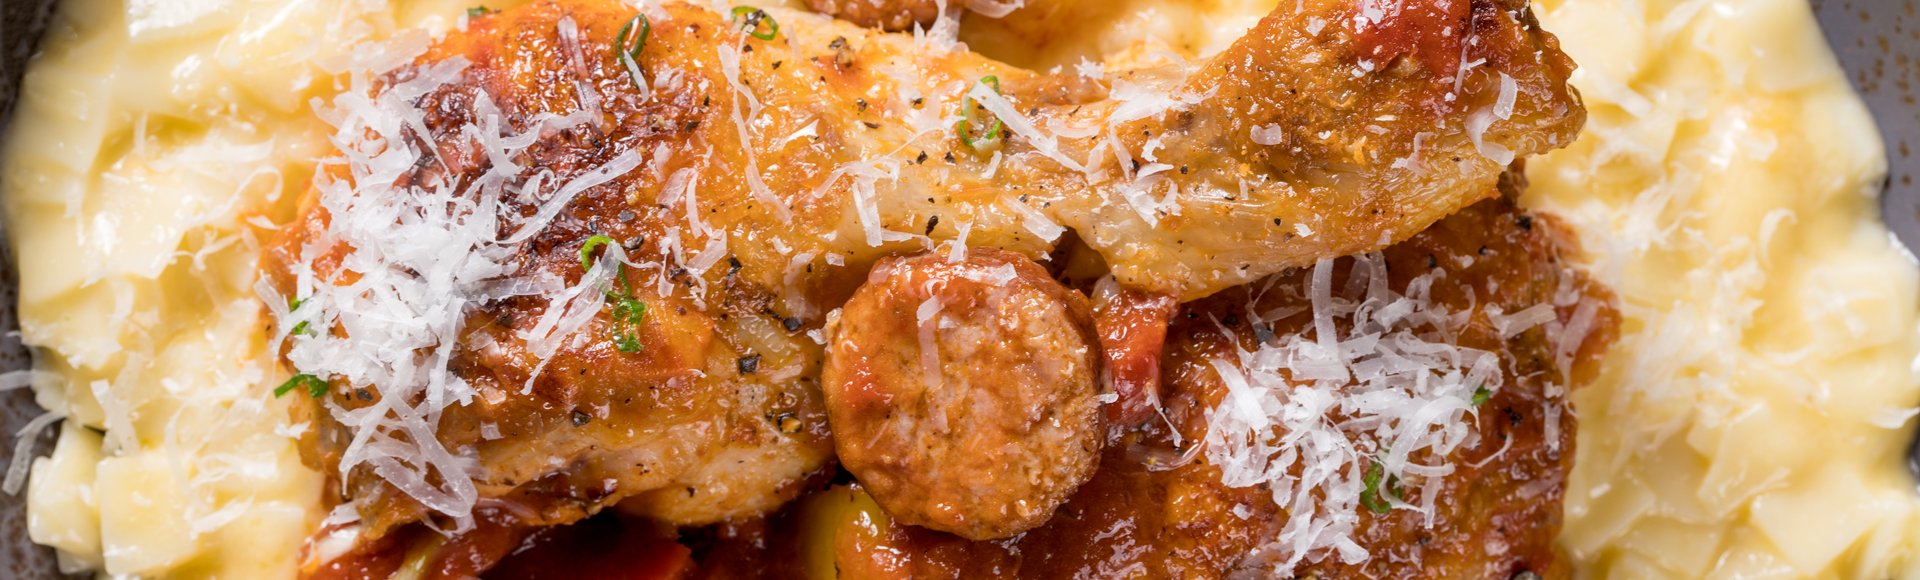 Κοτόπουλο με λουκάνικα & χυλοπίτες